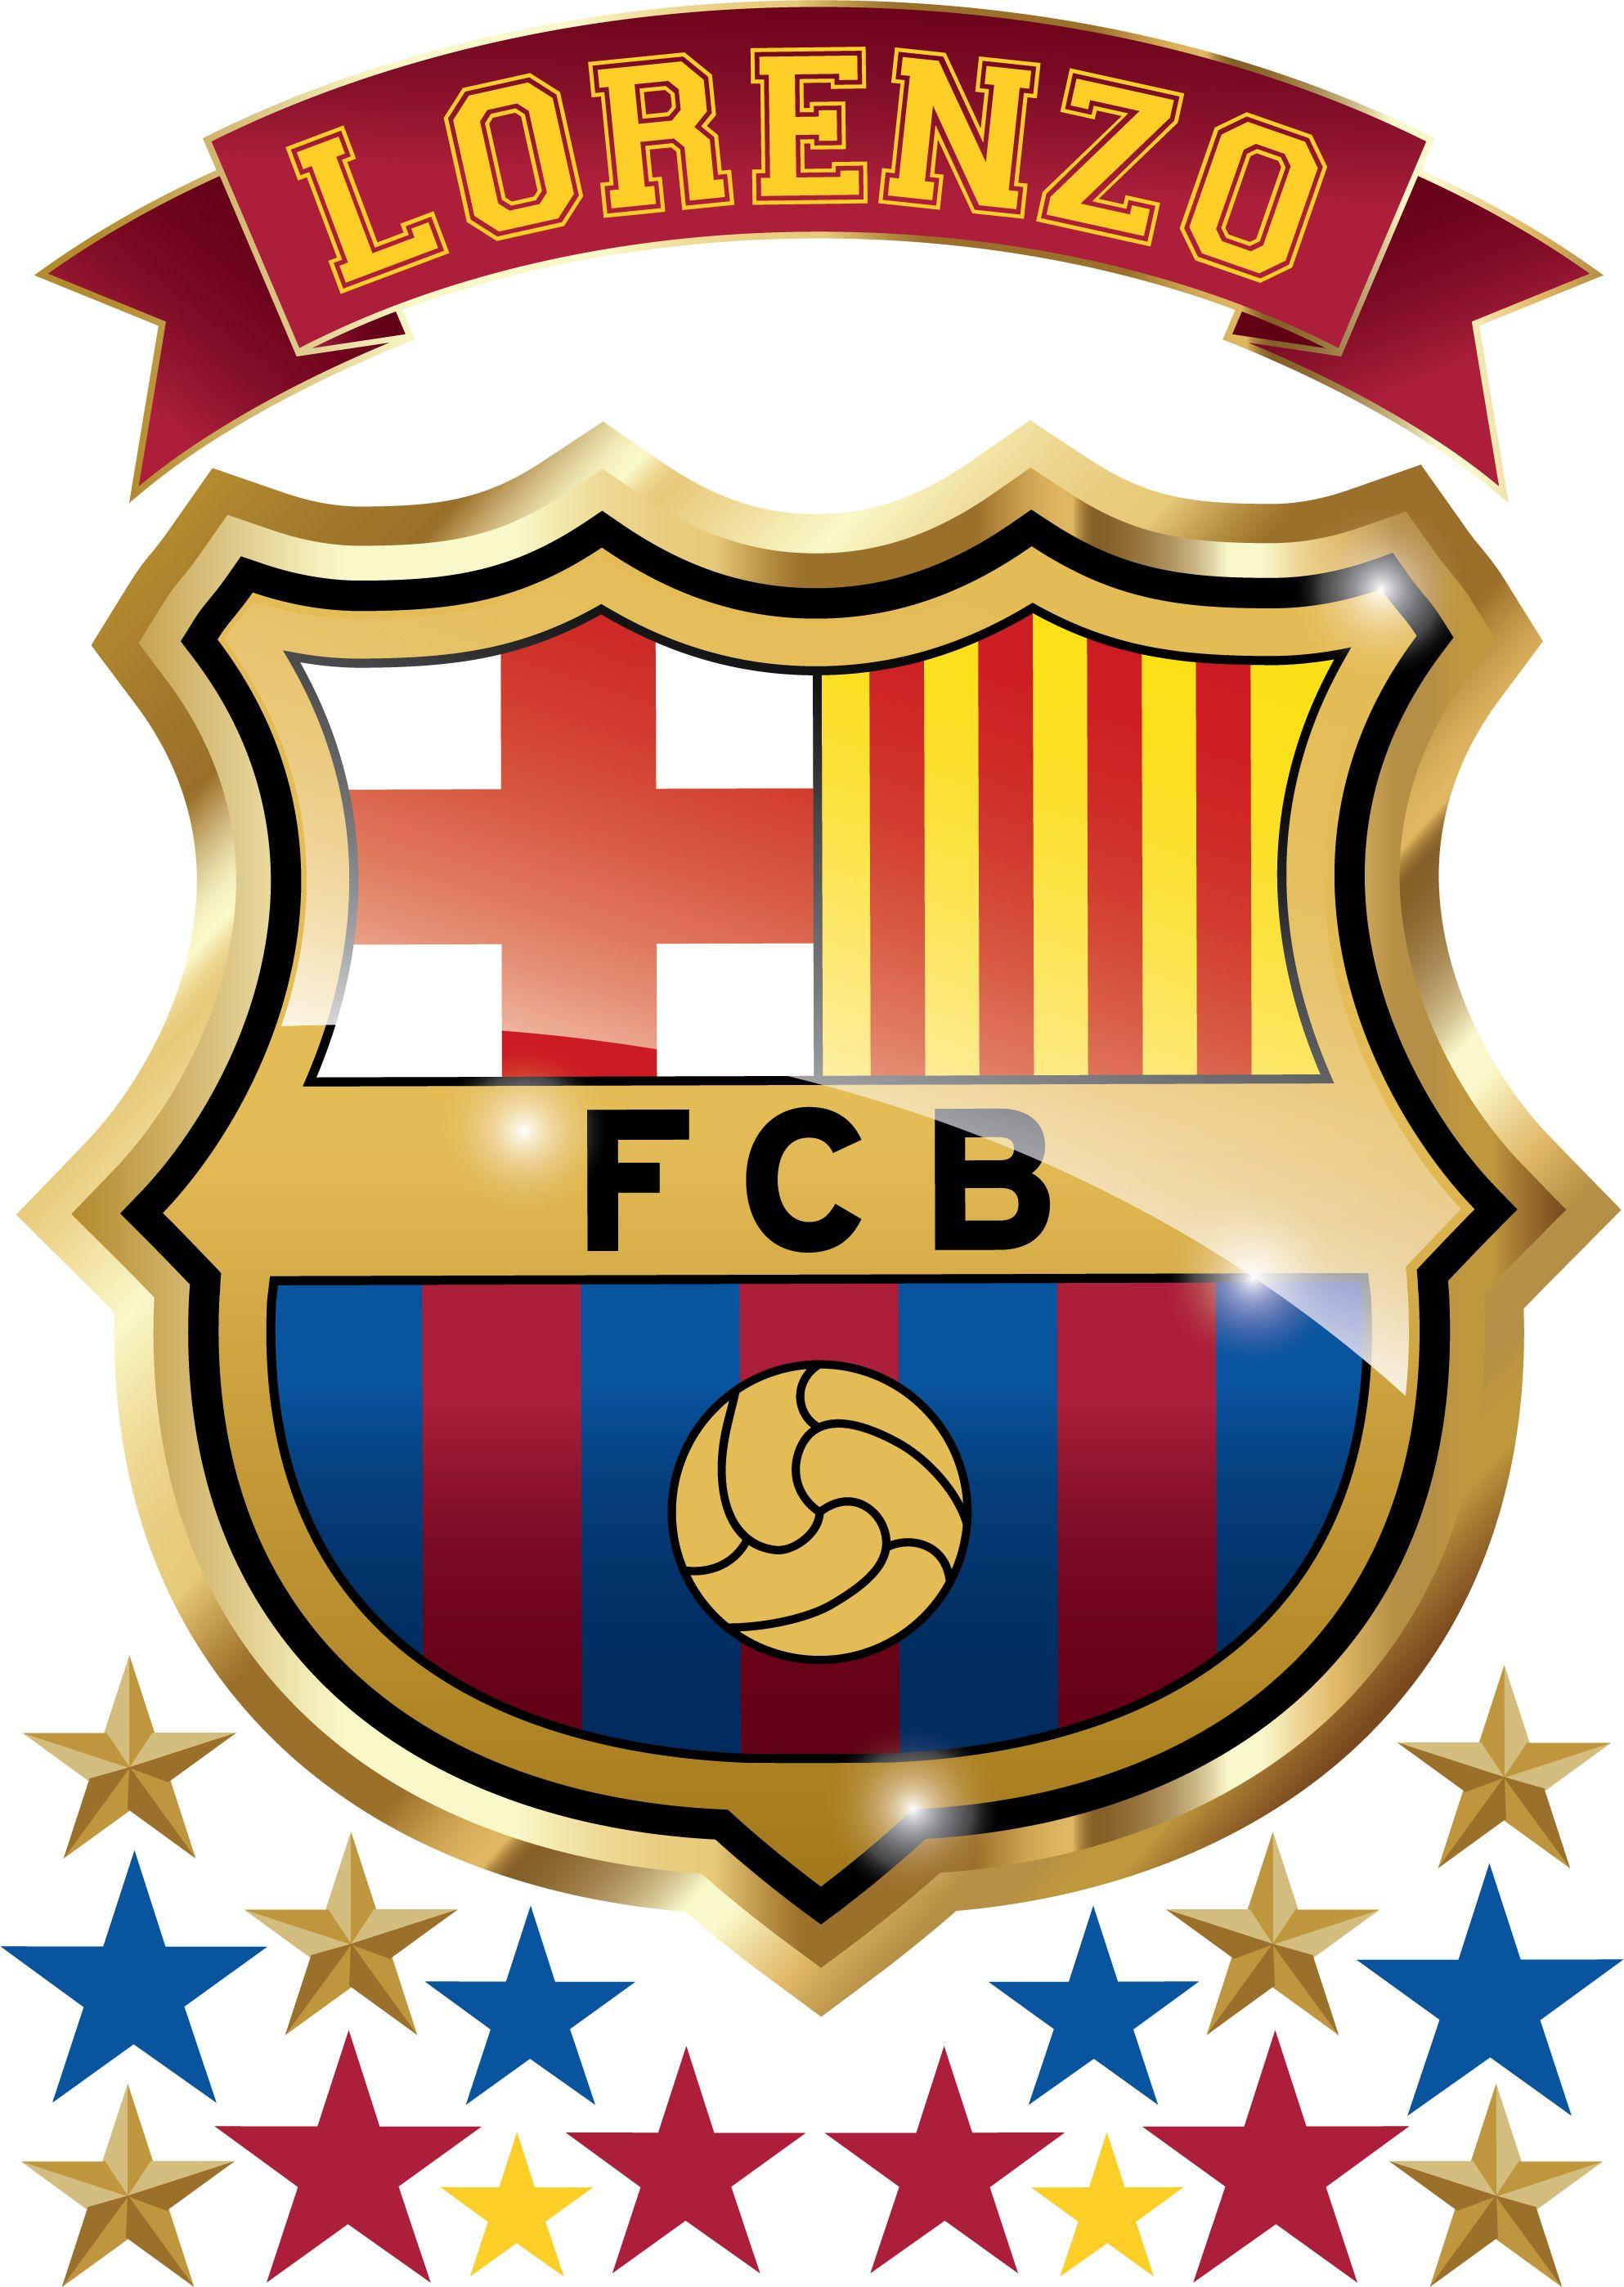 Vinilo Escudo Barcelona Con Tu Nombre Personalizado  70d64eb8aa0